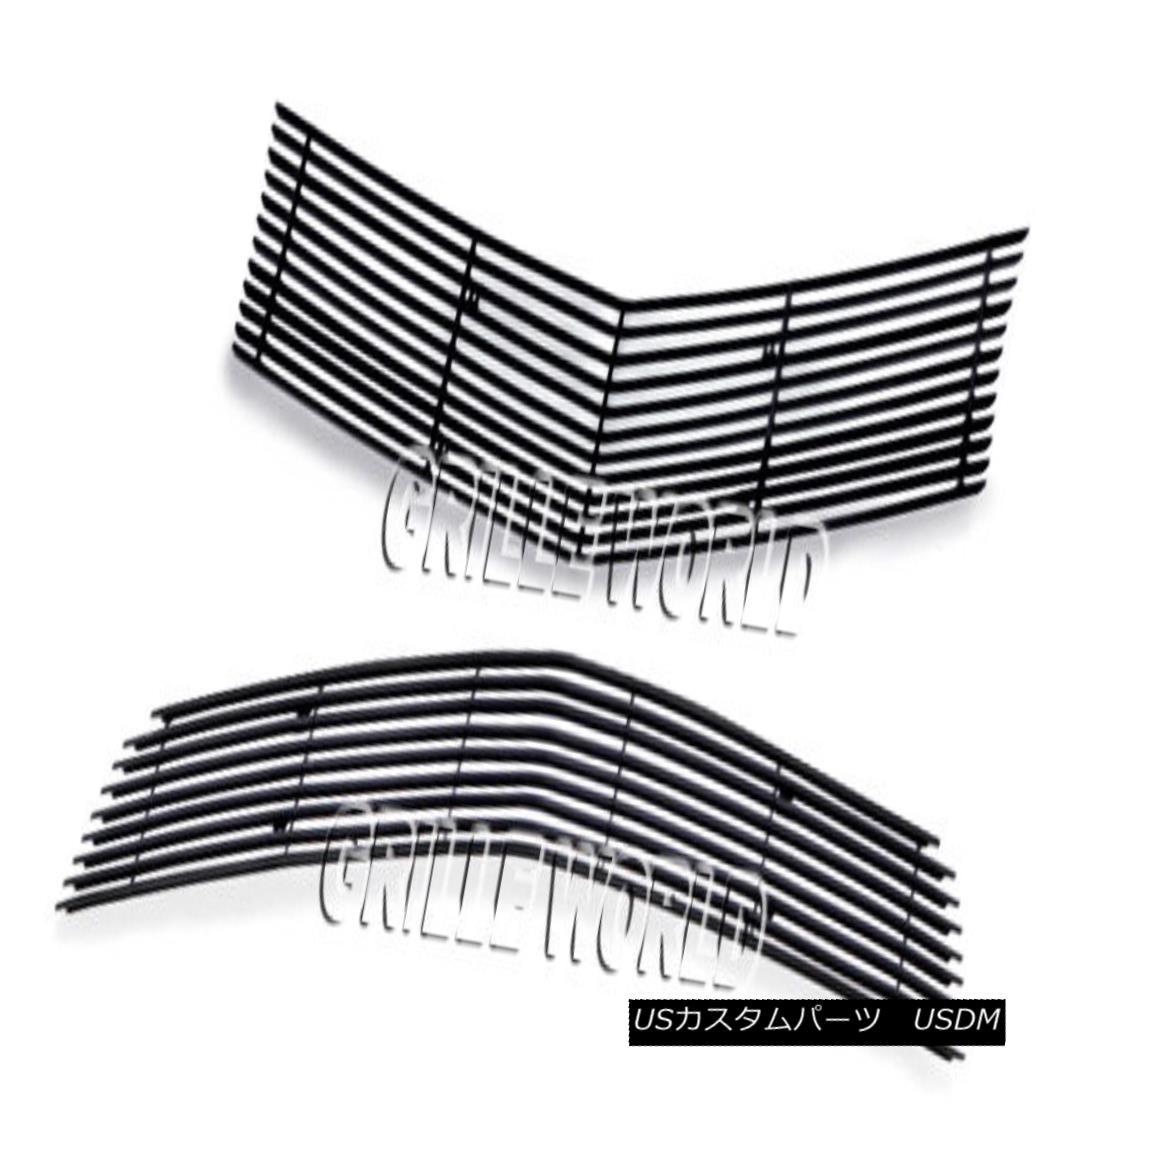 グリル For 2010-2013 Chevy Camaro LT/LS V6 Black Billet Premium Grille Grill Combo 2010-2013シボレーカマロLT / LS V6ブラックビレットプレミアムグリルグリルコンボ用